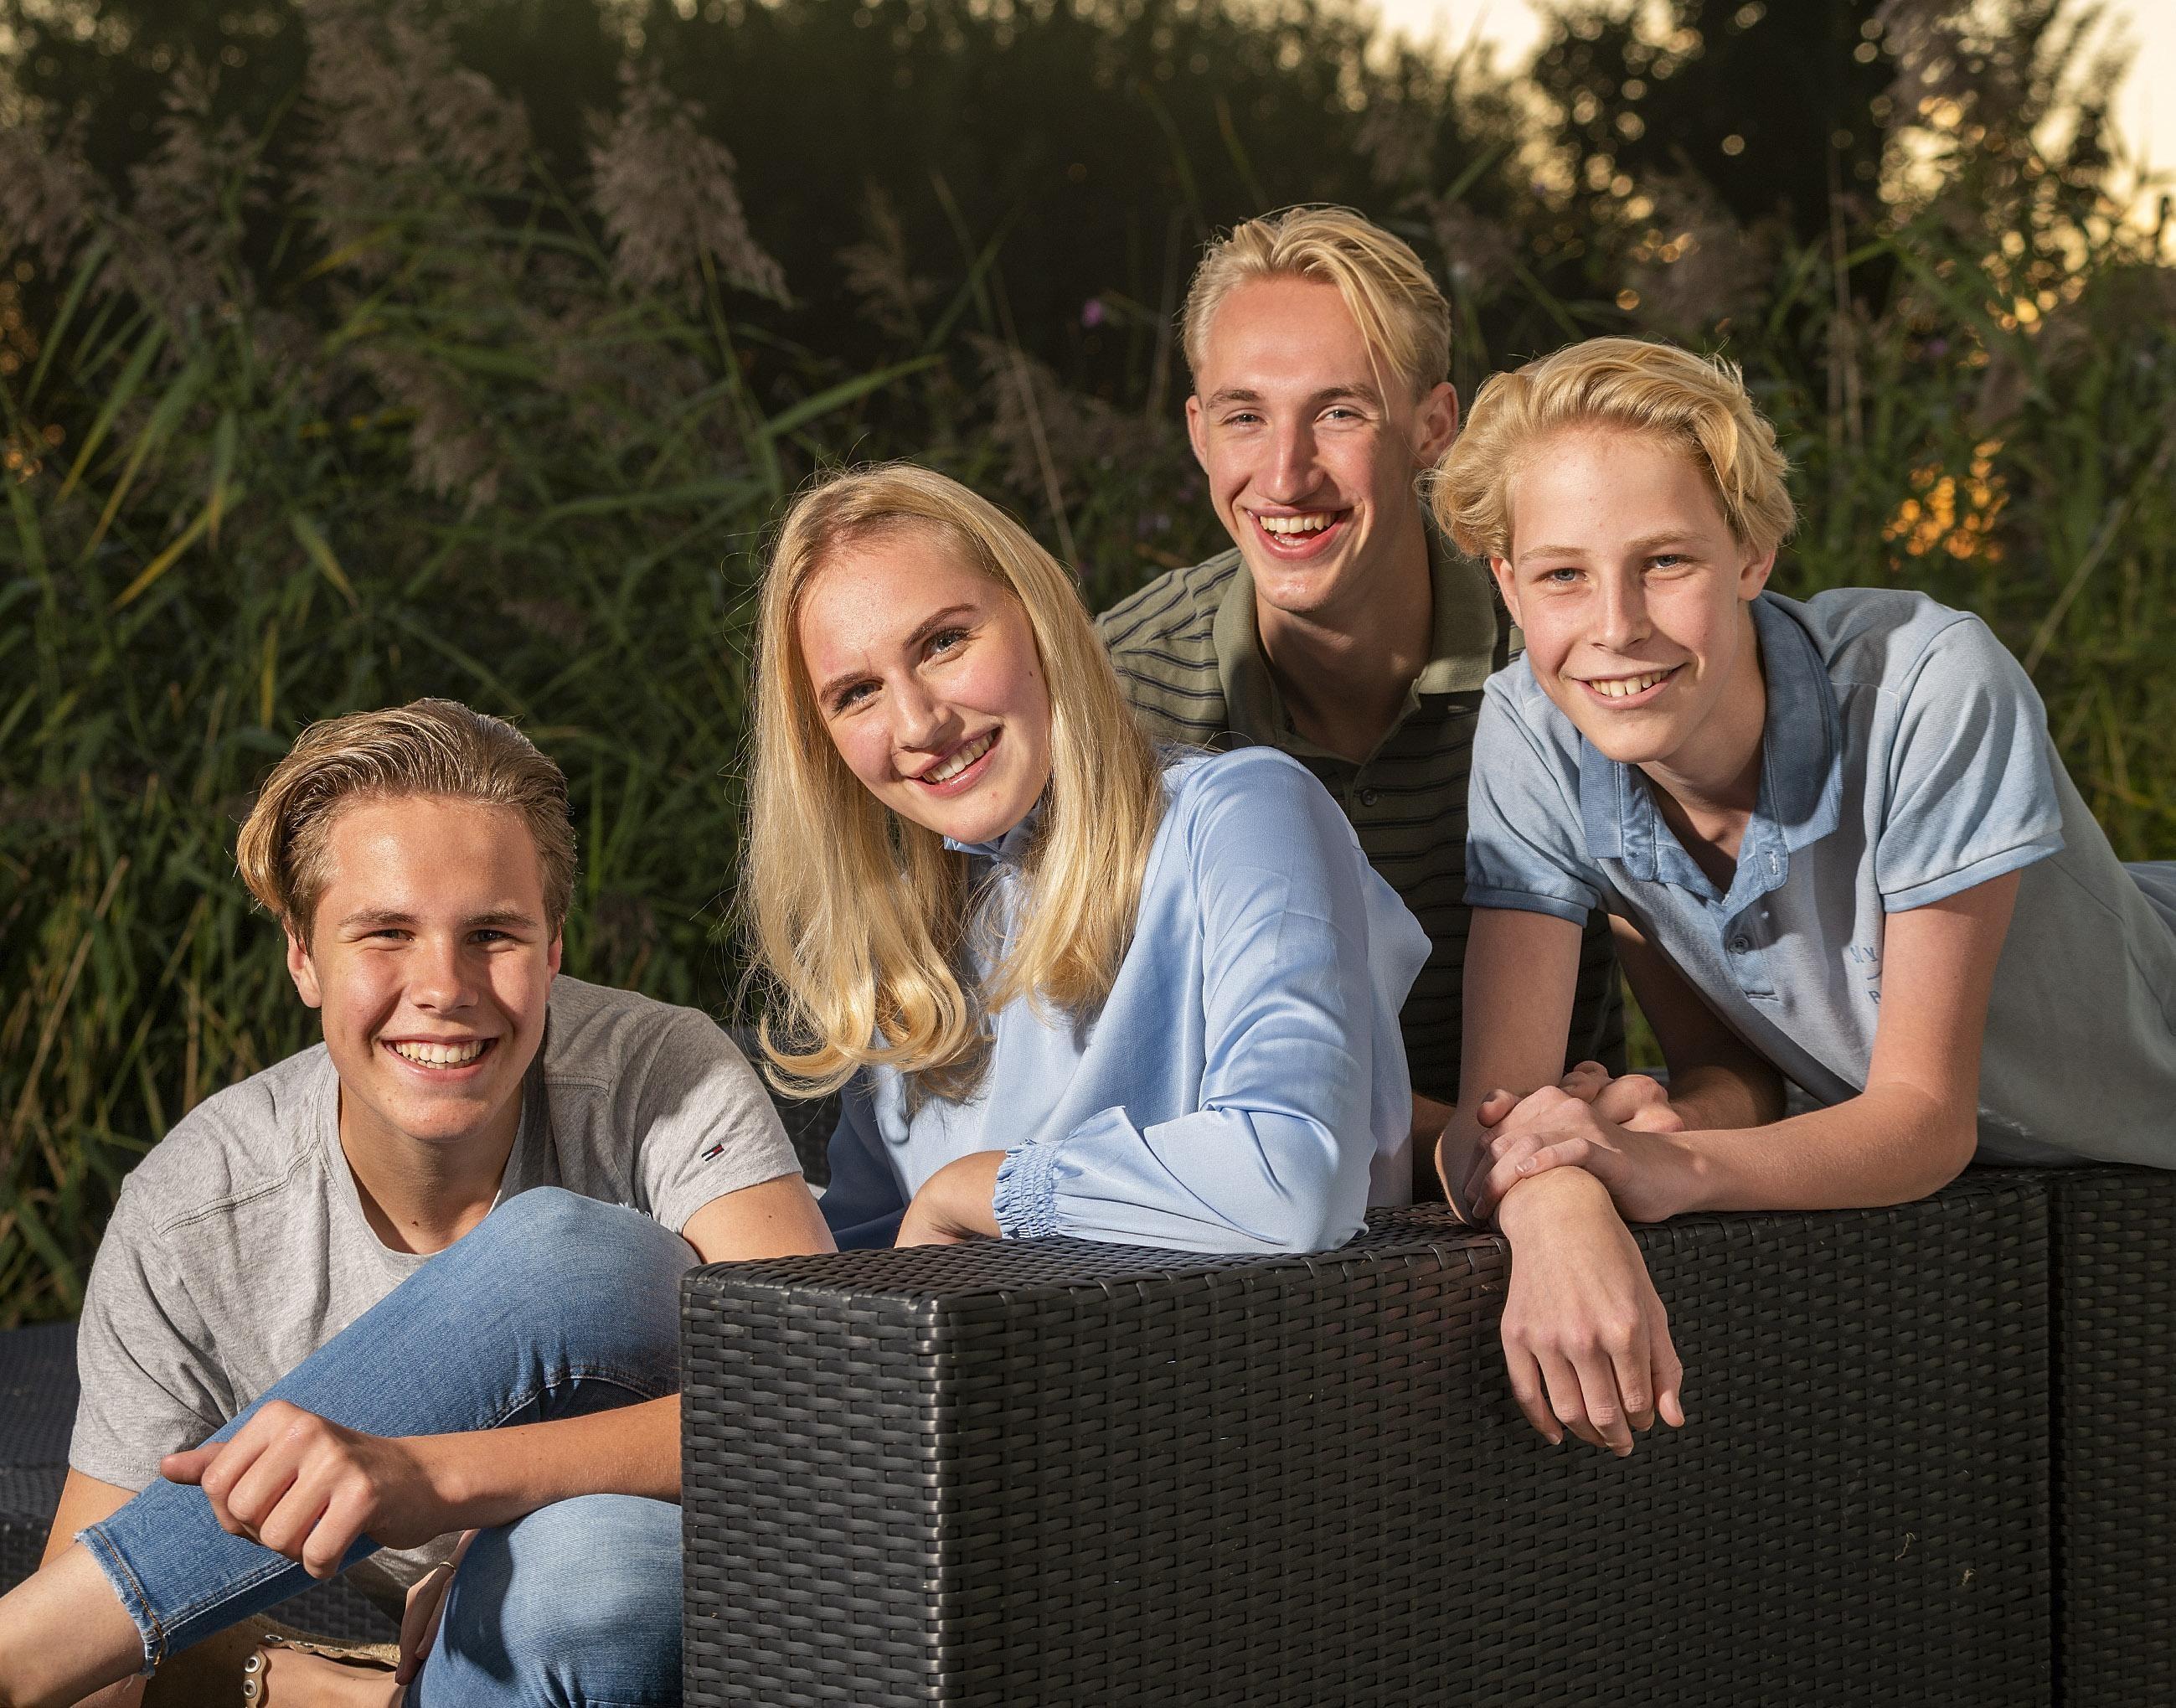 Liselotte (17) herstelt van scooterongeval bij Warmenhuizen: 'Dit is de grootste nachtmerrie die je als famili - Noordhollands Dagblad